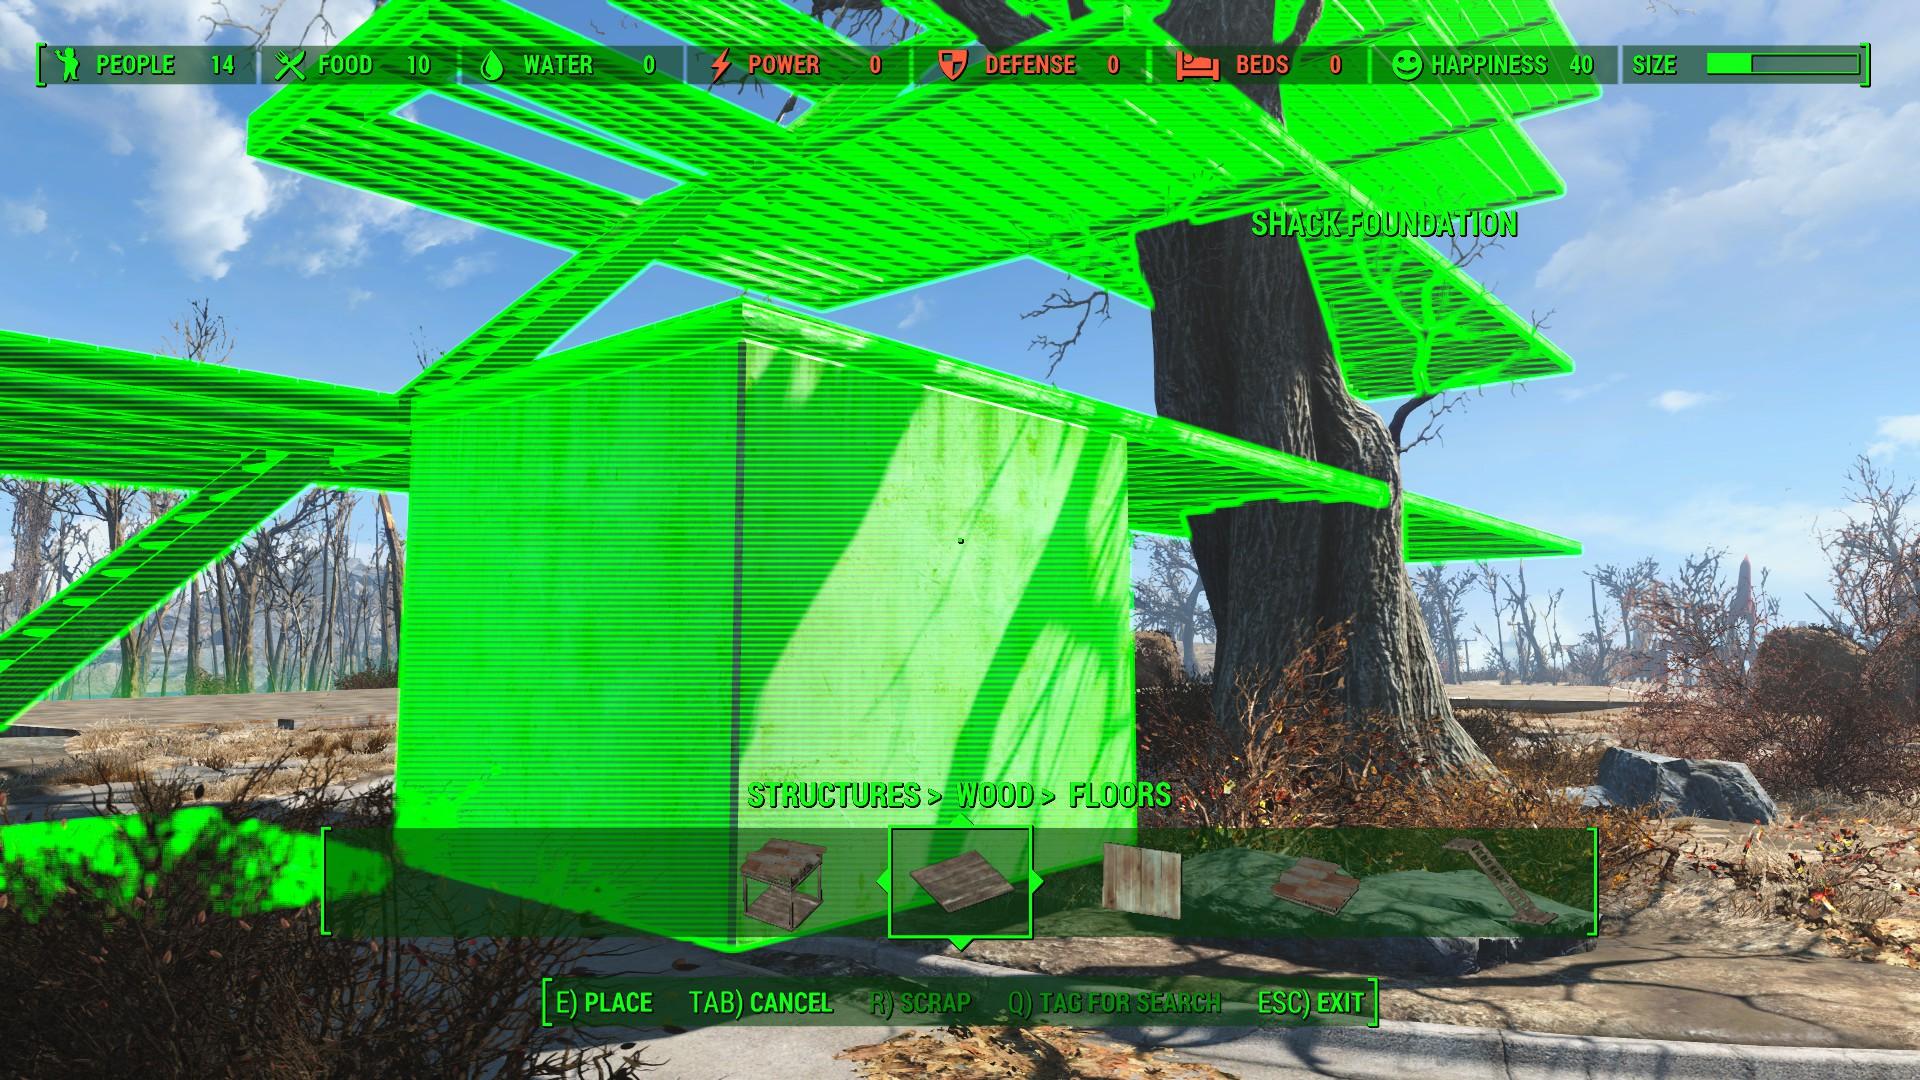 test_24_fuuubp.jpg